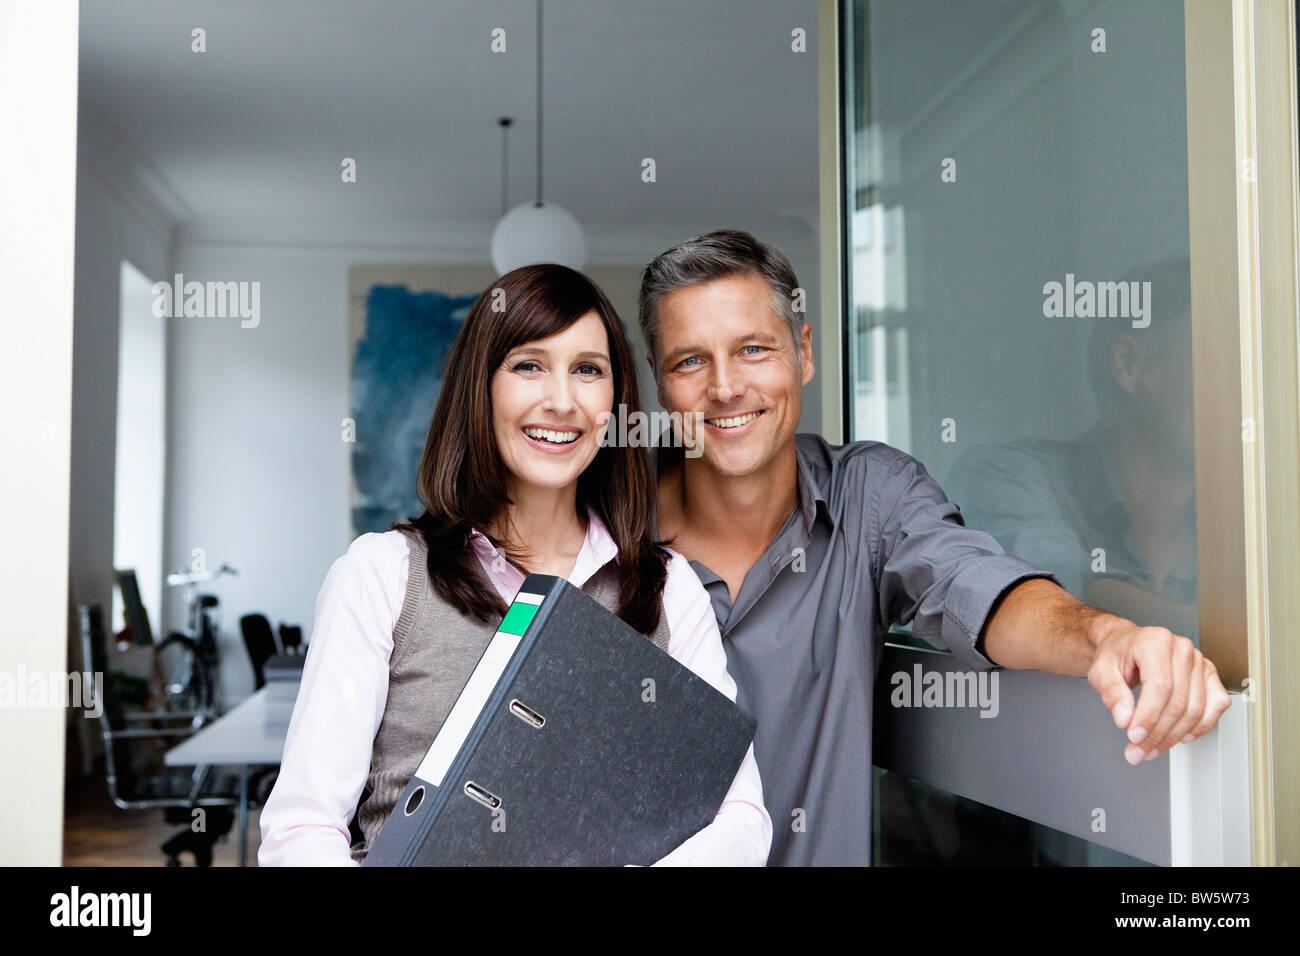 Socios de negocios sonriendo a cámara Imagen De Stock